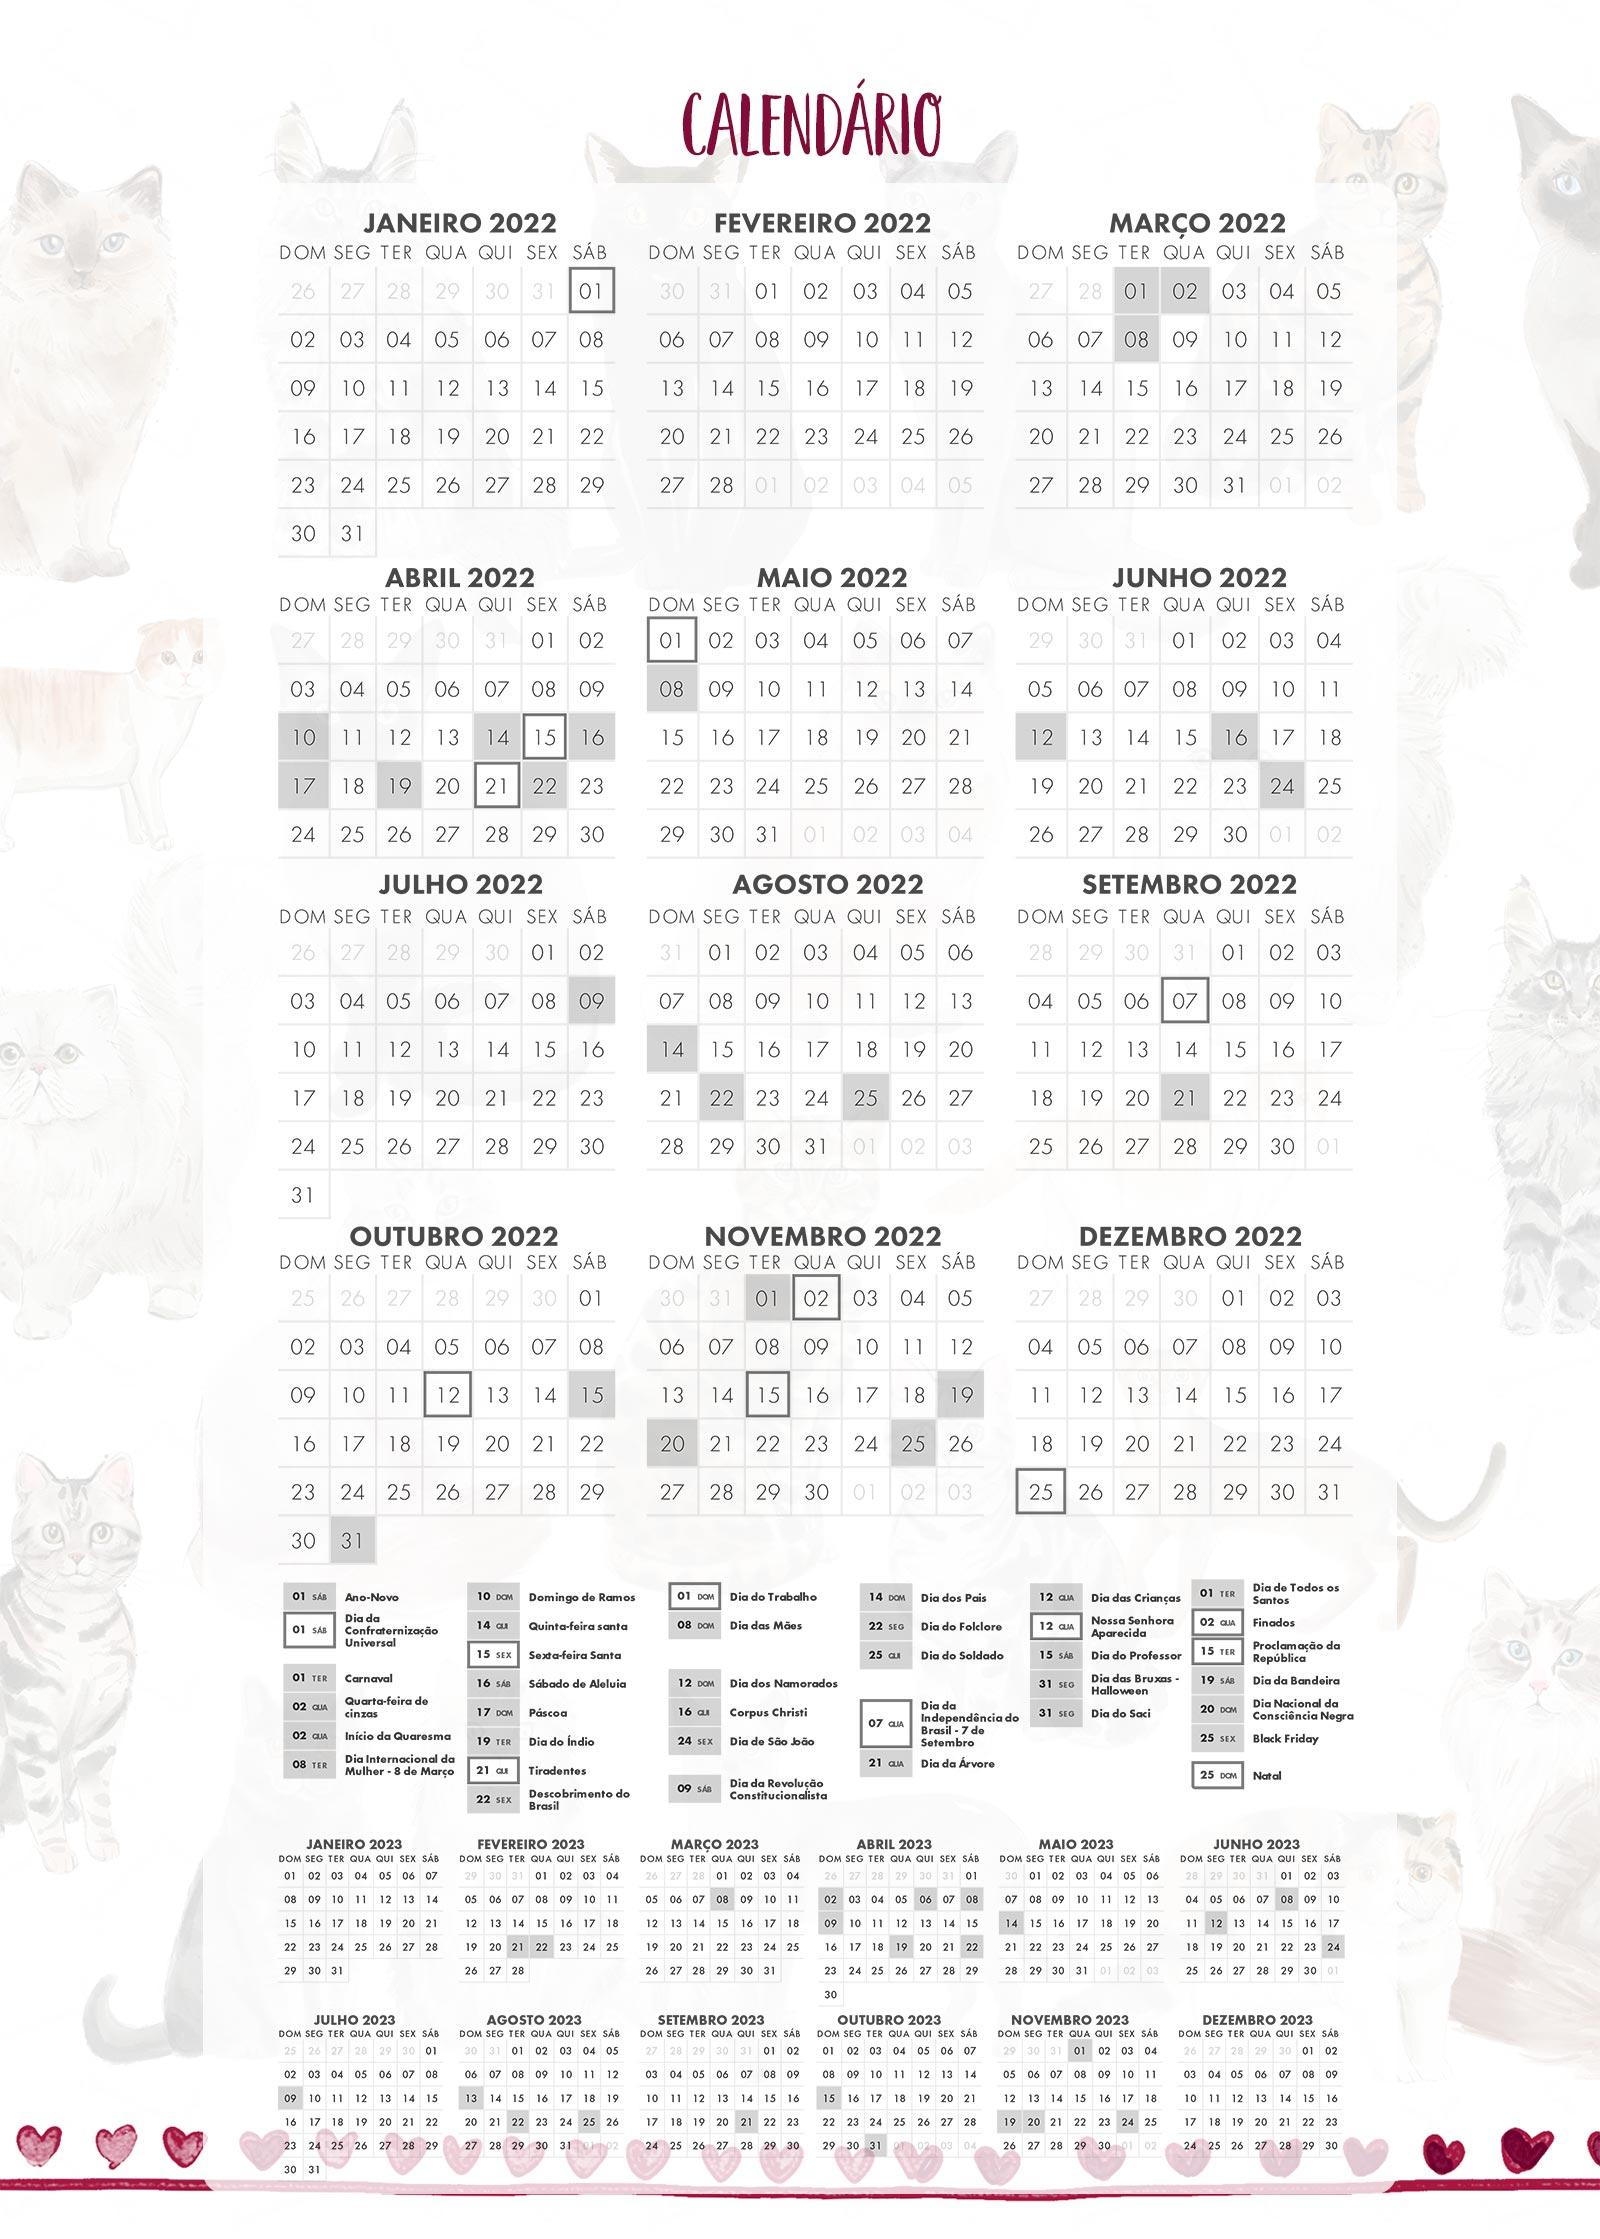 Calendario 2022 Planner Gatinhos